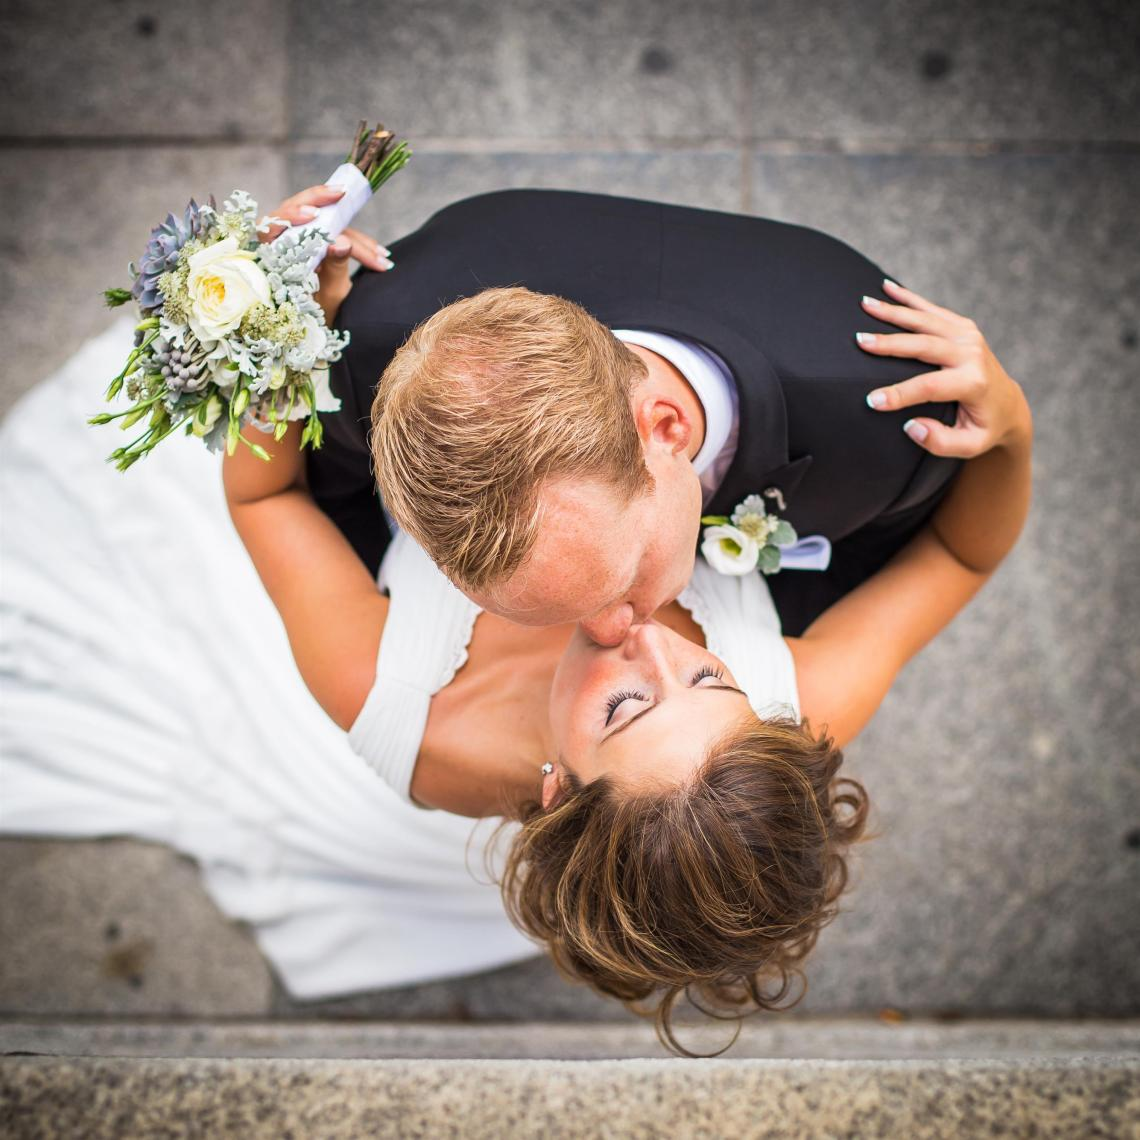 boda-espanola-sueca-antes (7)